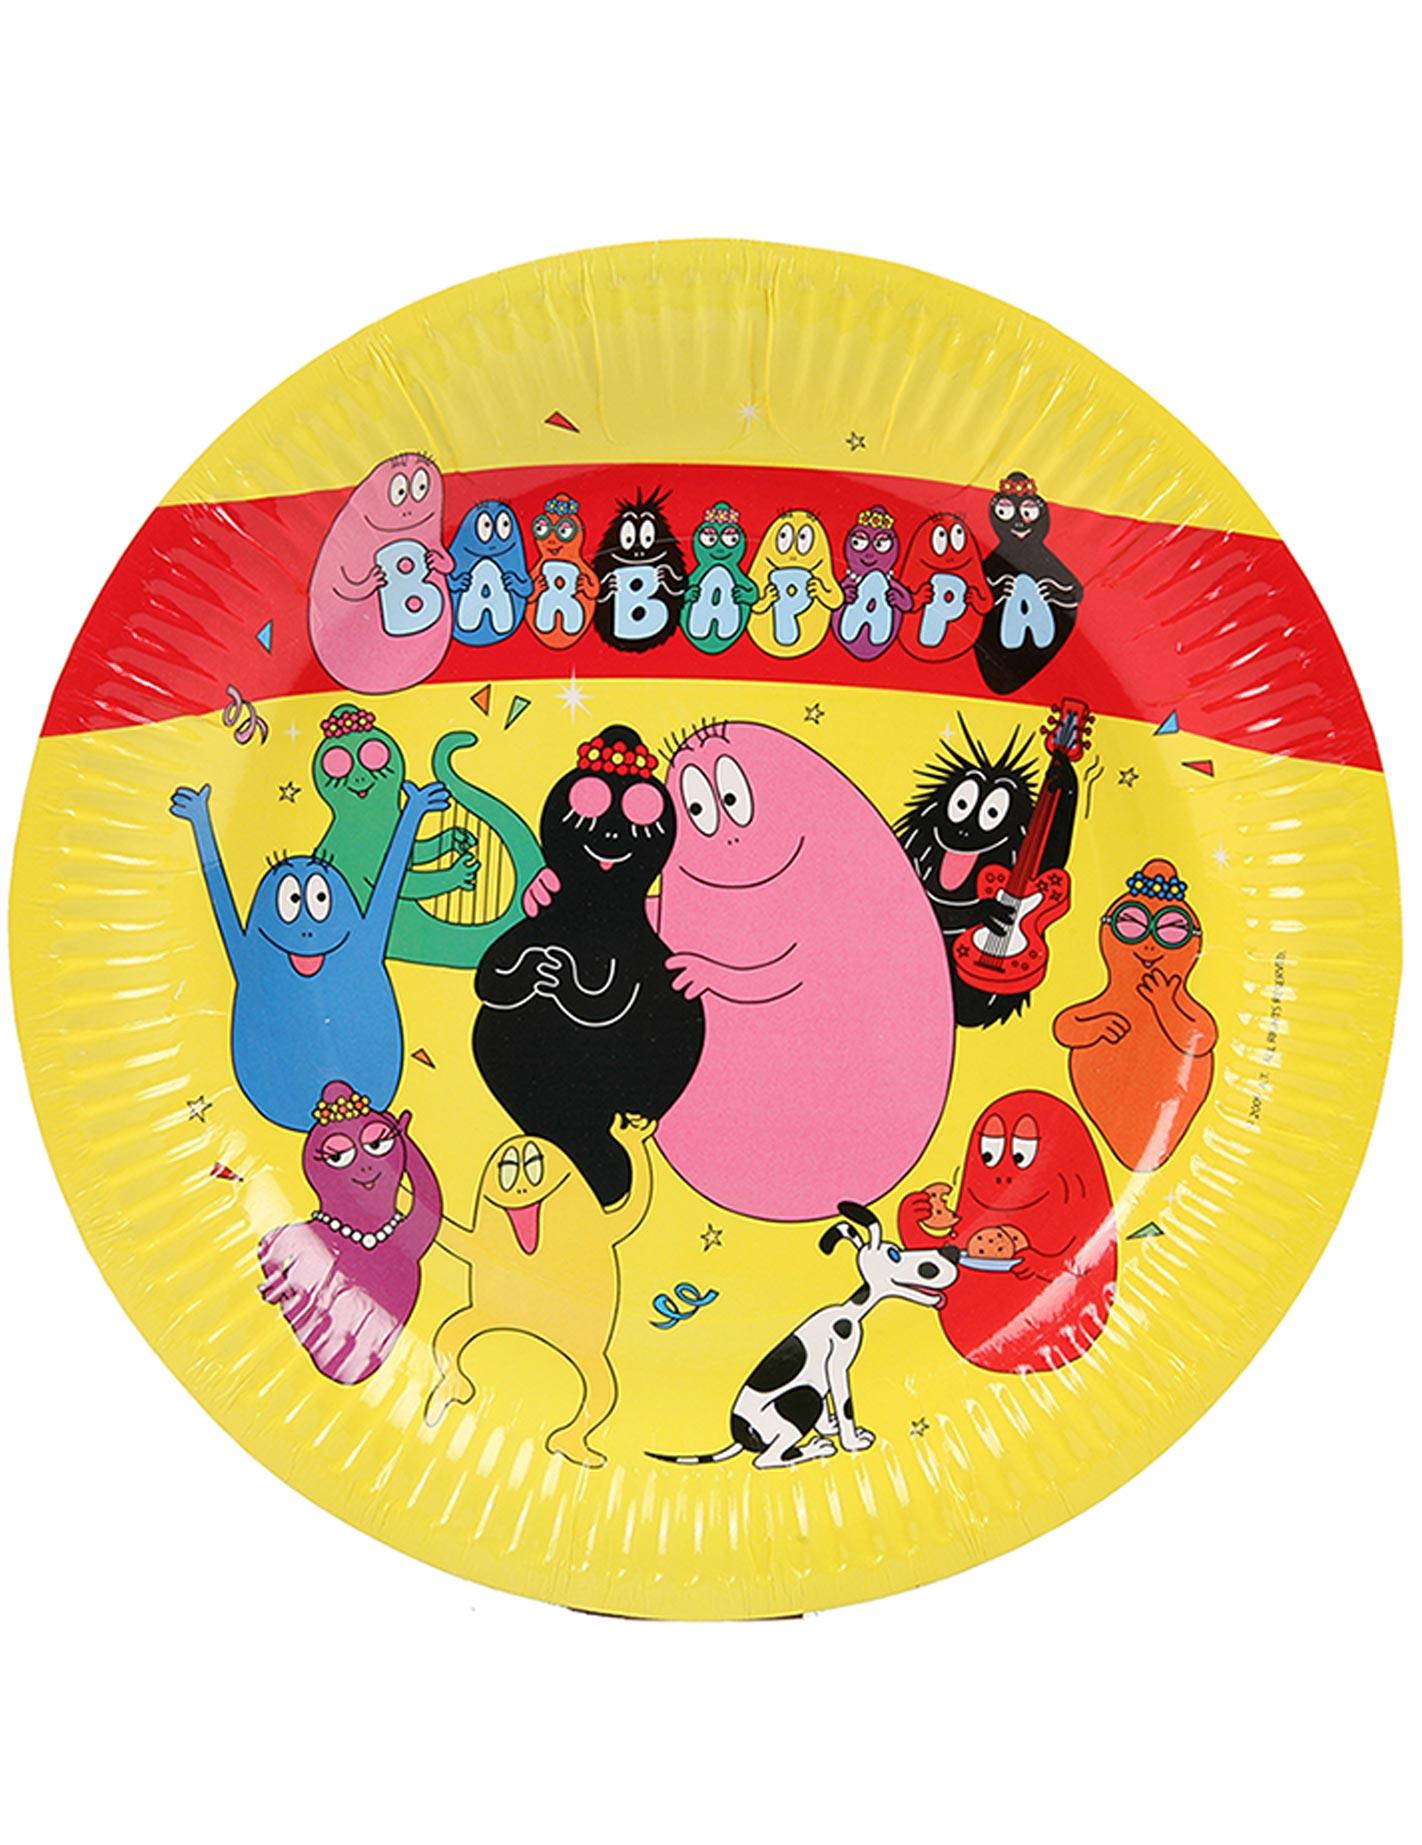 6 assiettes barbapapa achat de decoration animation sur vegaoopro grossiste en d guisements - Decoration anniversaire barbapapa ...